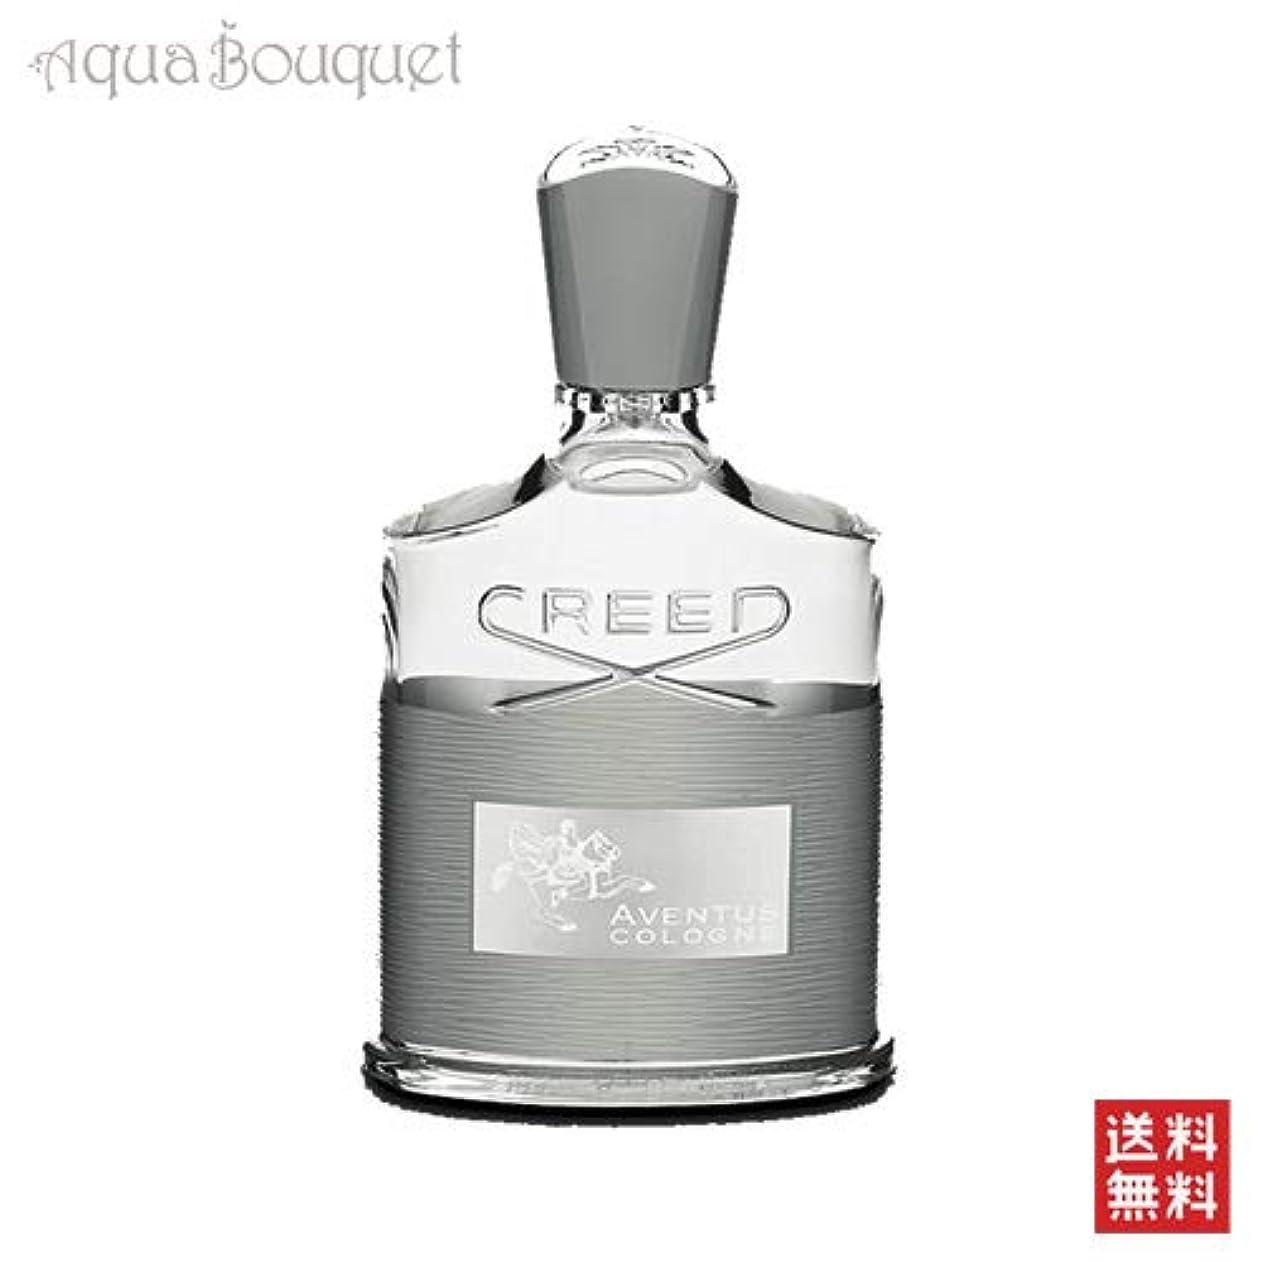 半ば危険宣言(新作) クリード アバントゥス コロン 100ml CREED AVENTUS COLOGNE [1275] [並行輸入品]